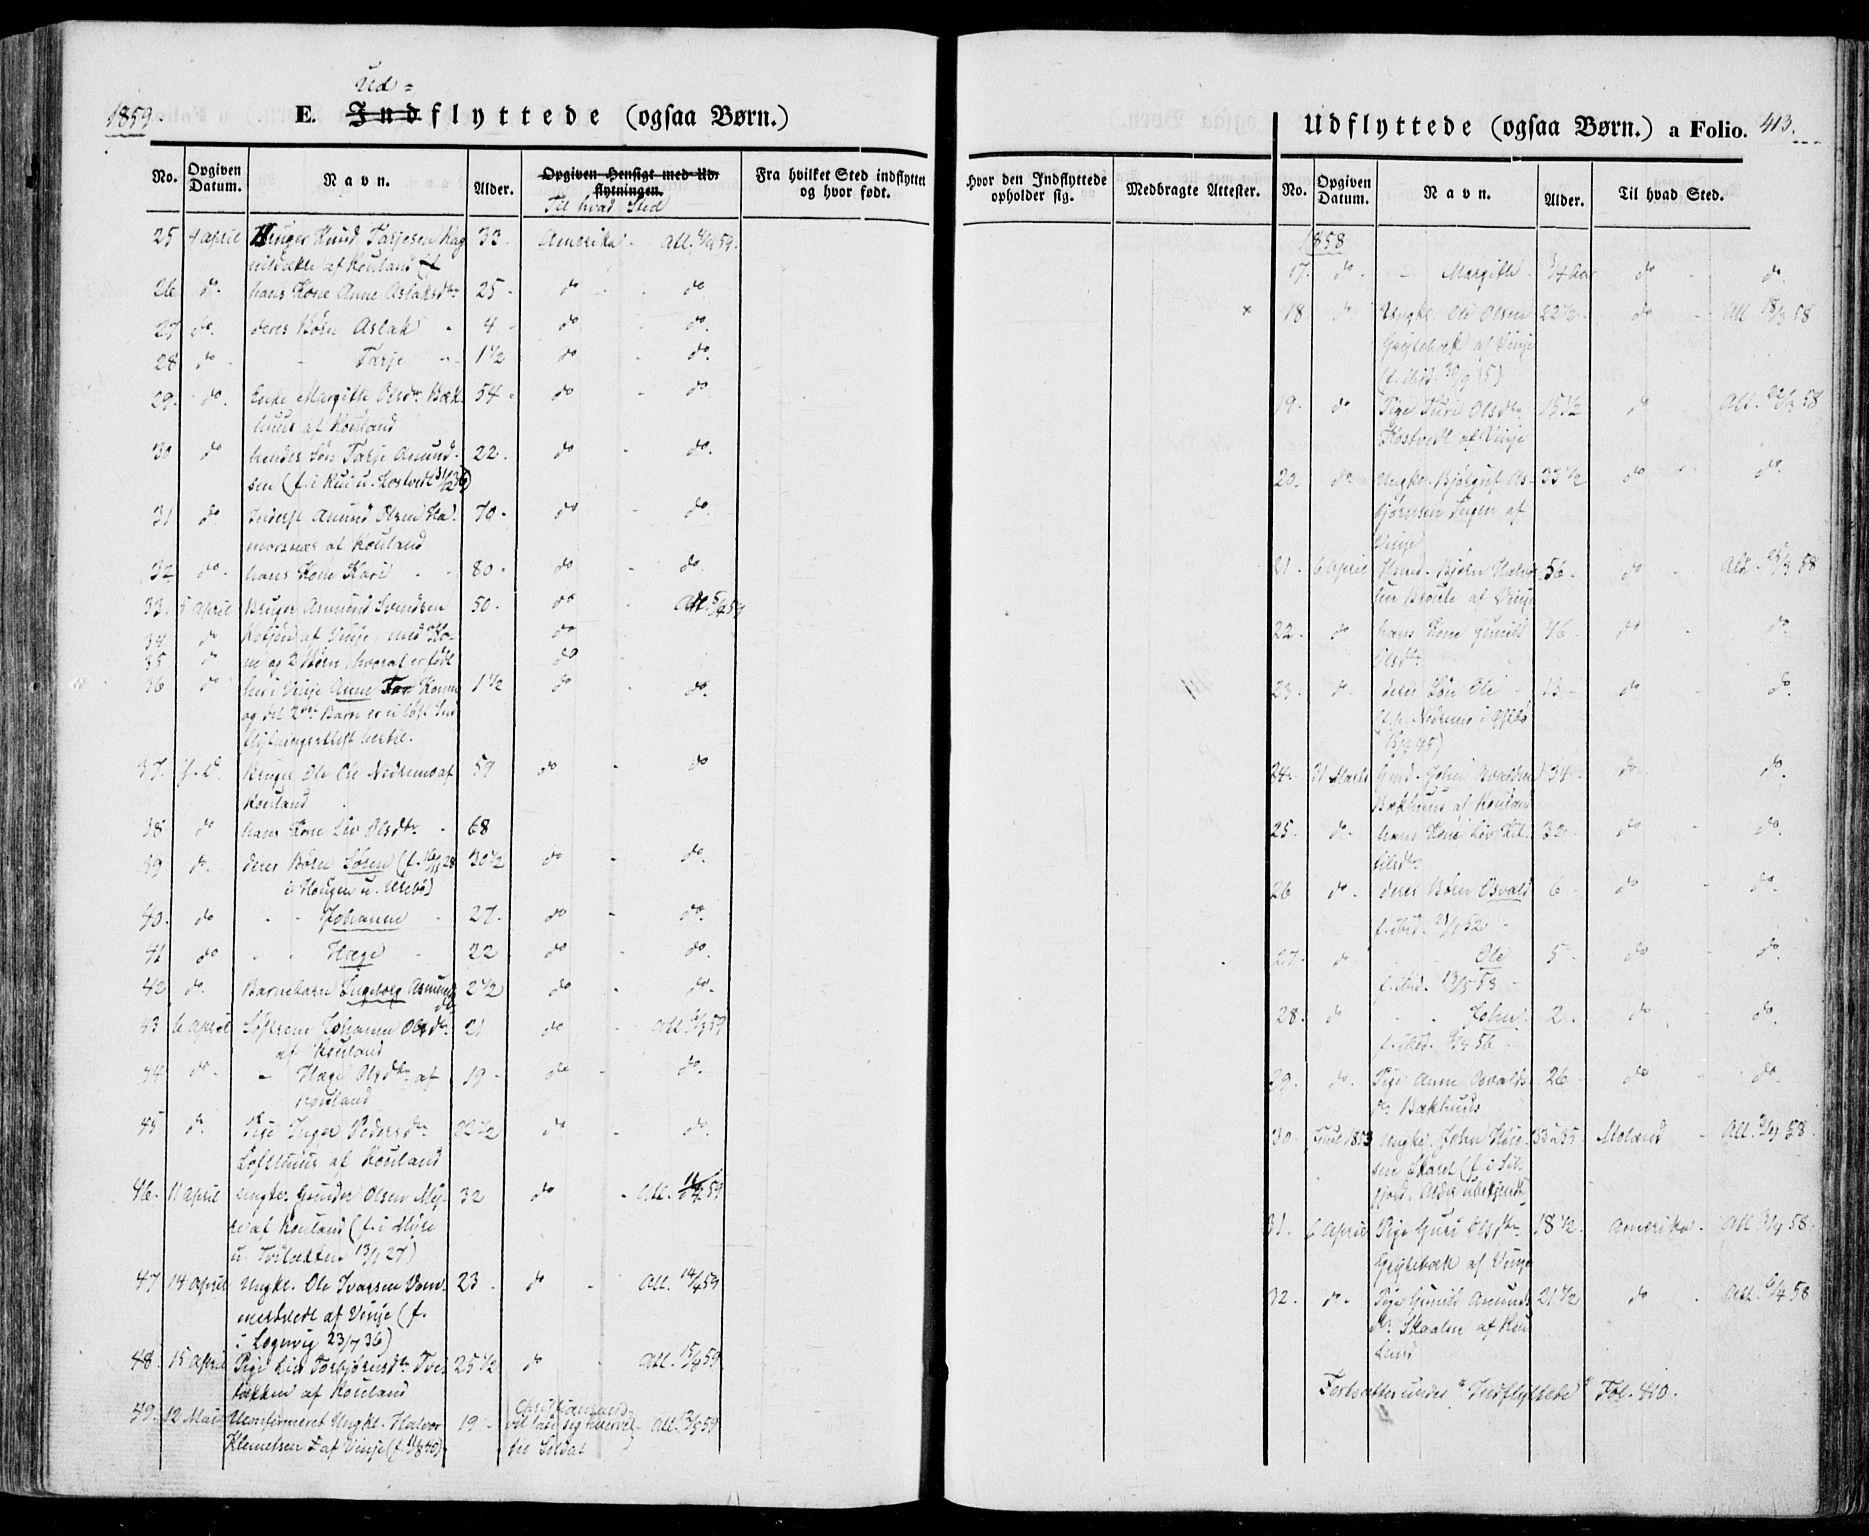 SAKO, Vinje kirkebøker, F/Fa/L0004: Ministerialbok nr. I 4, 1843-1869, s. 413